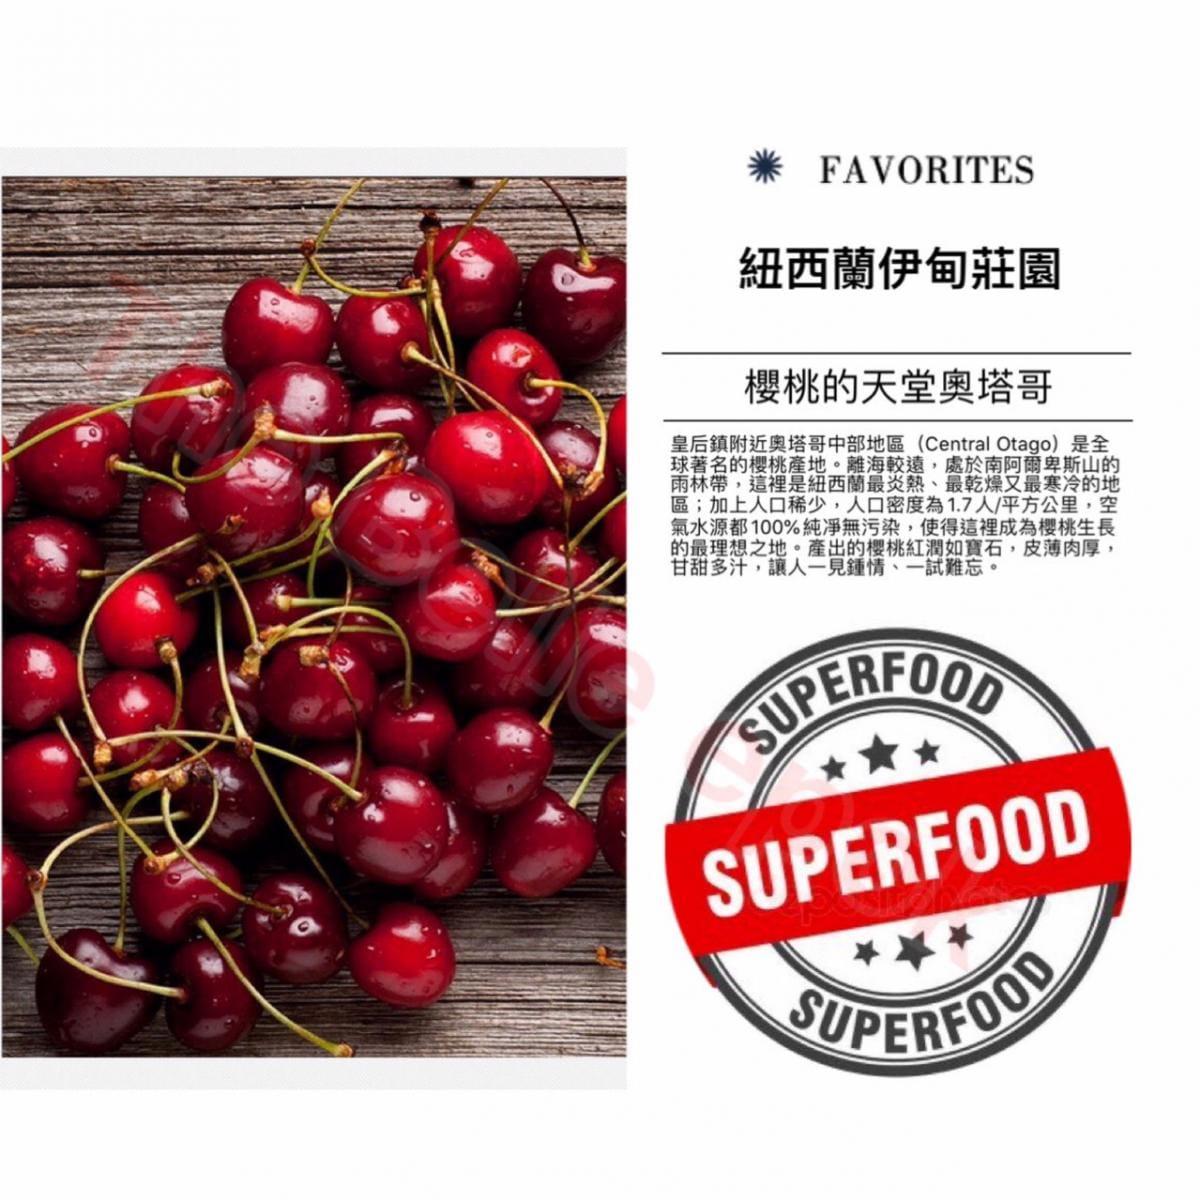 紐西蘭進口-伊甸莊園100%櫻桃汁,100%藍莓汁,綜合果汁 果汁飲料運動補給 夏天 養顏美容 8